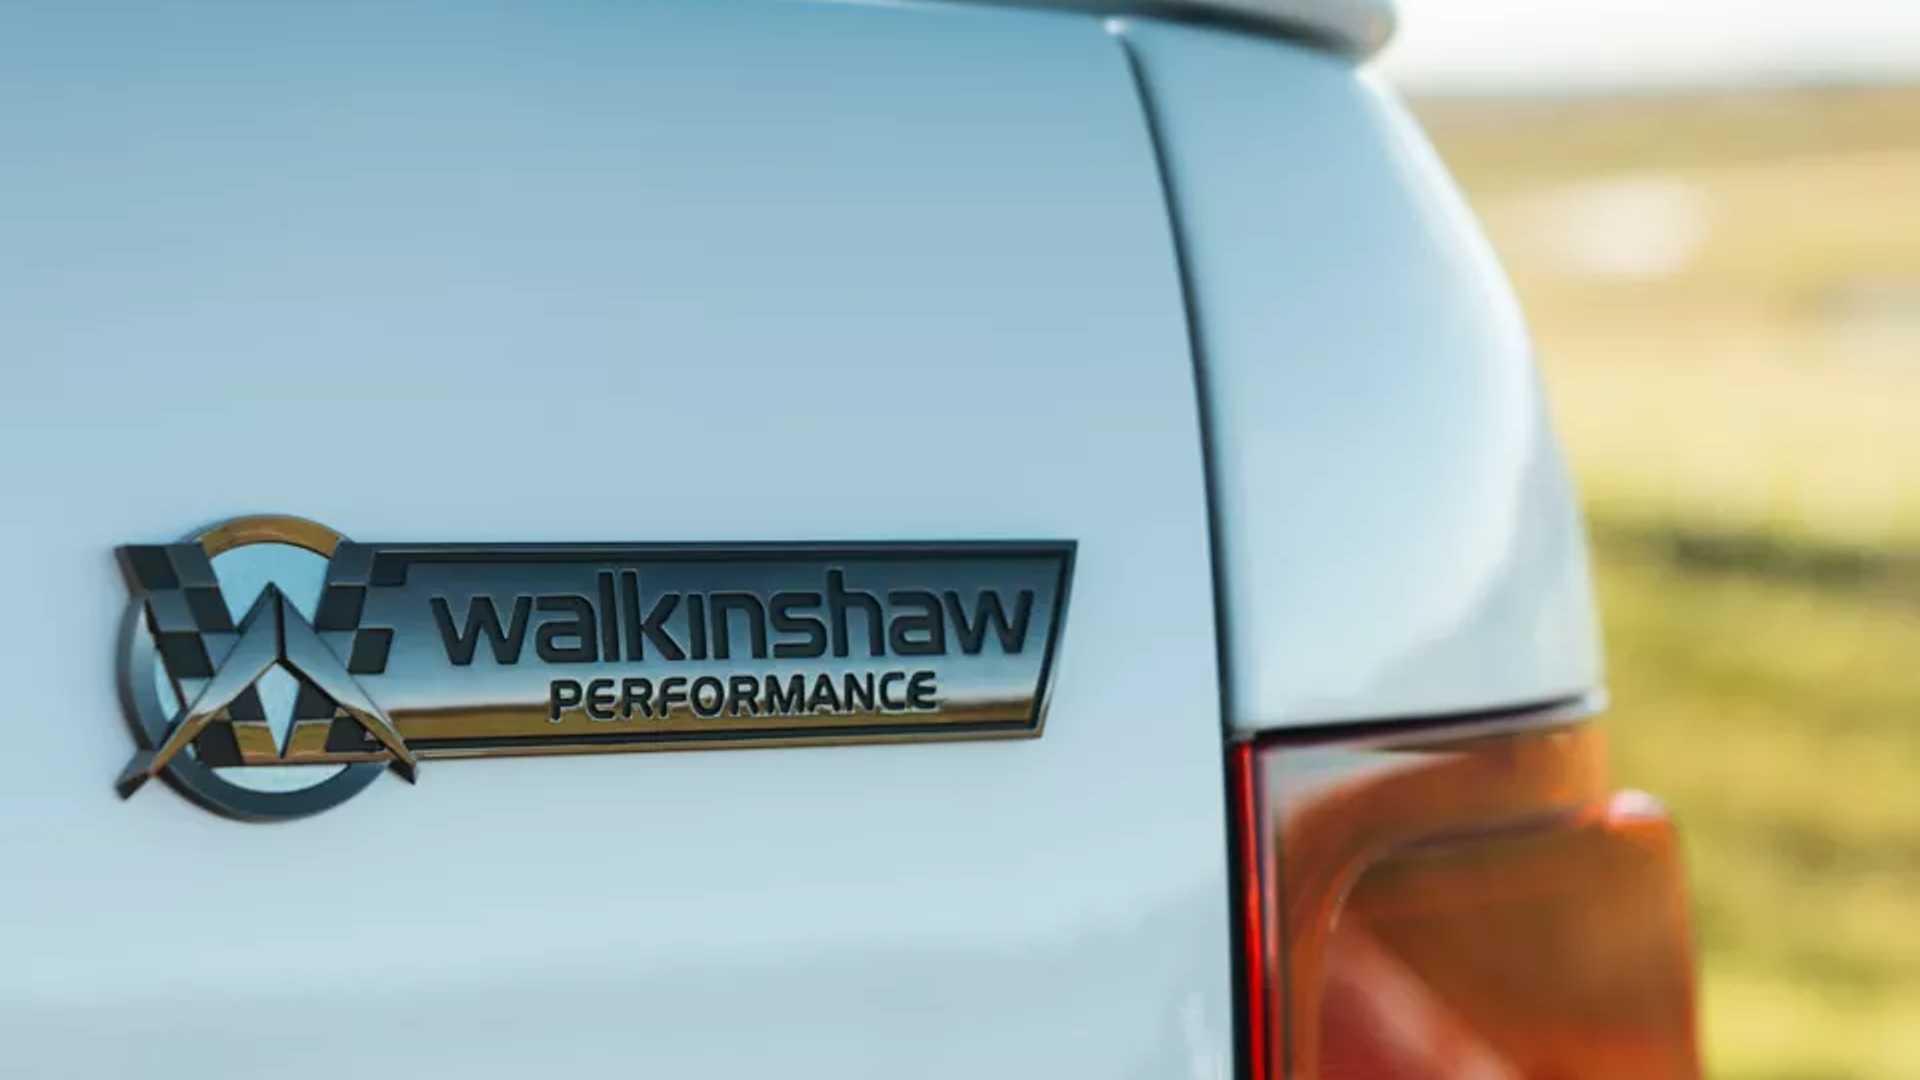 2021-vw-amarok-w580-by-walkinshaw-12